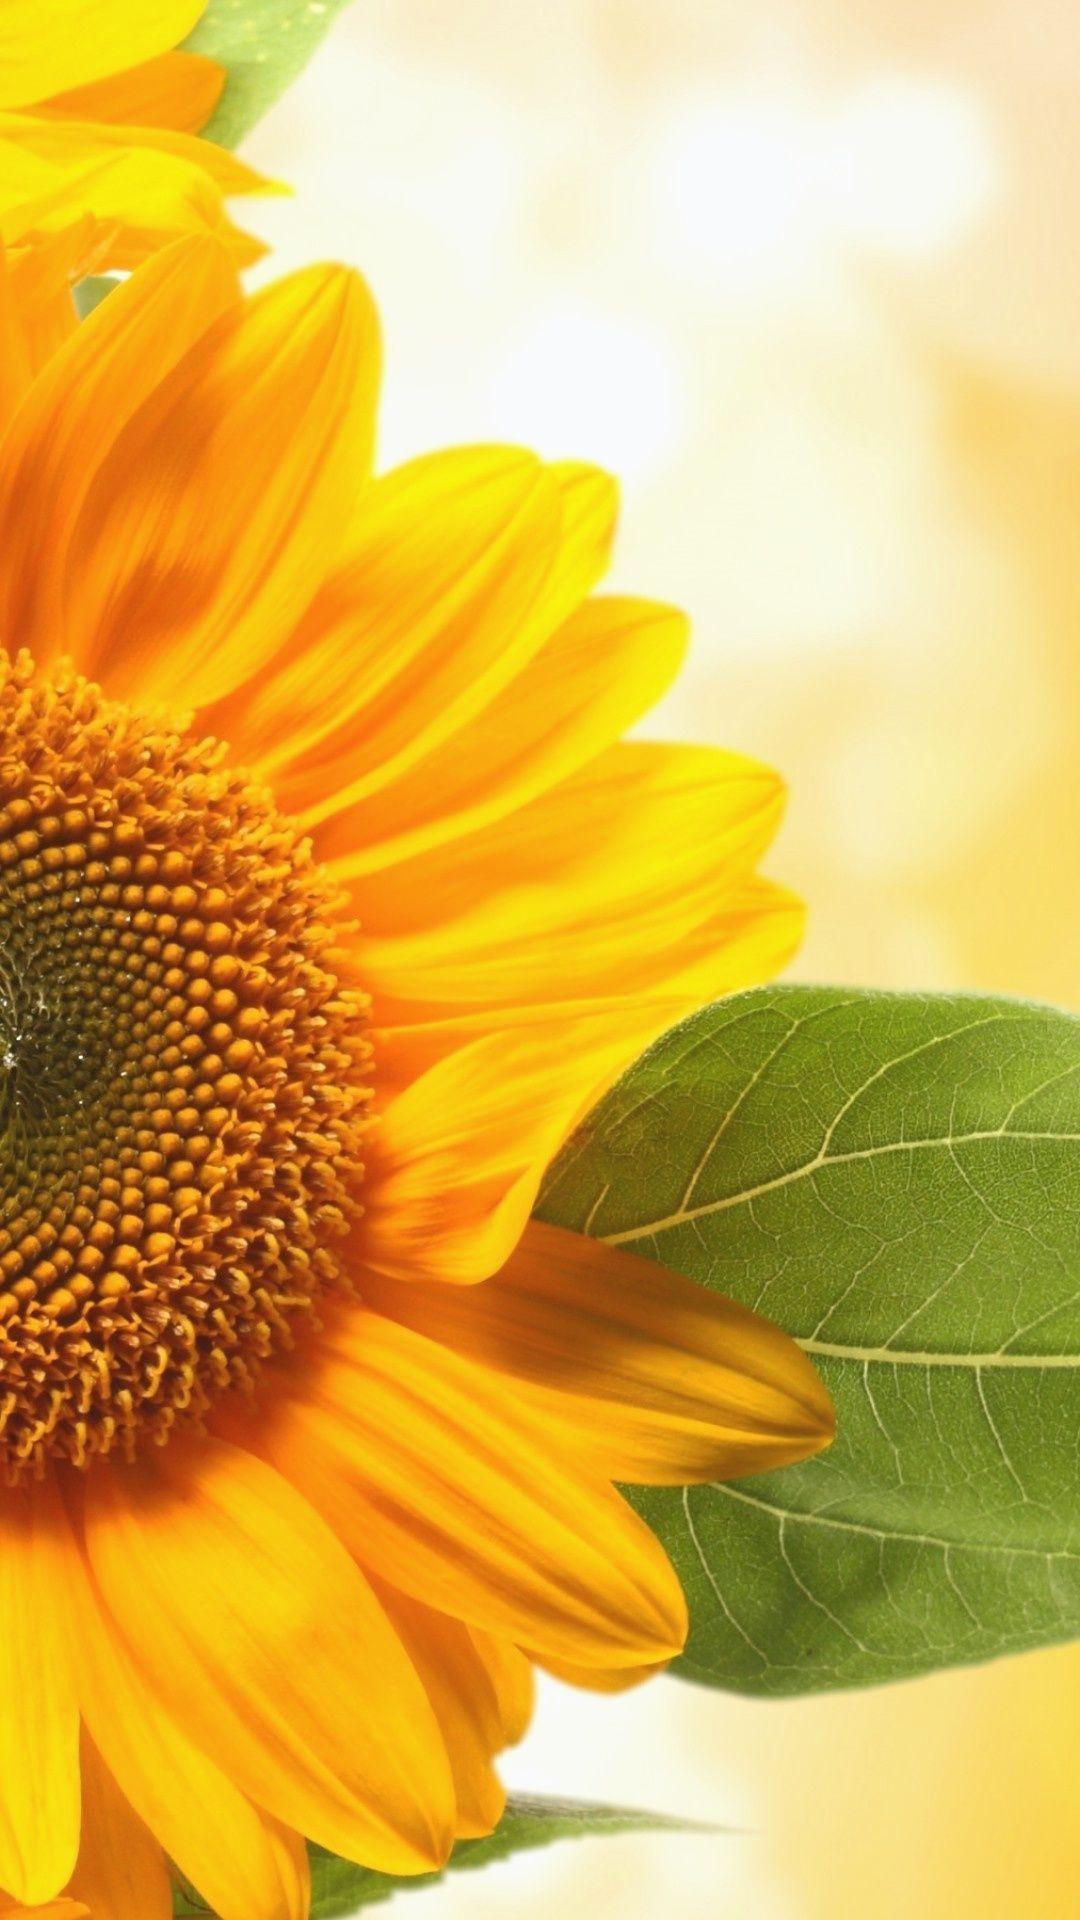 Sunflower Wallpaper Hd Iphone sunflowerwallpaper